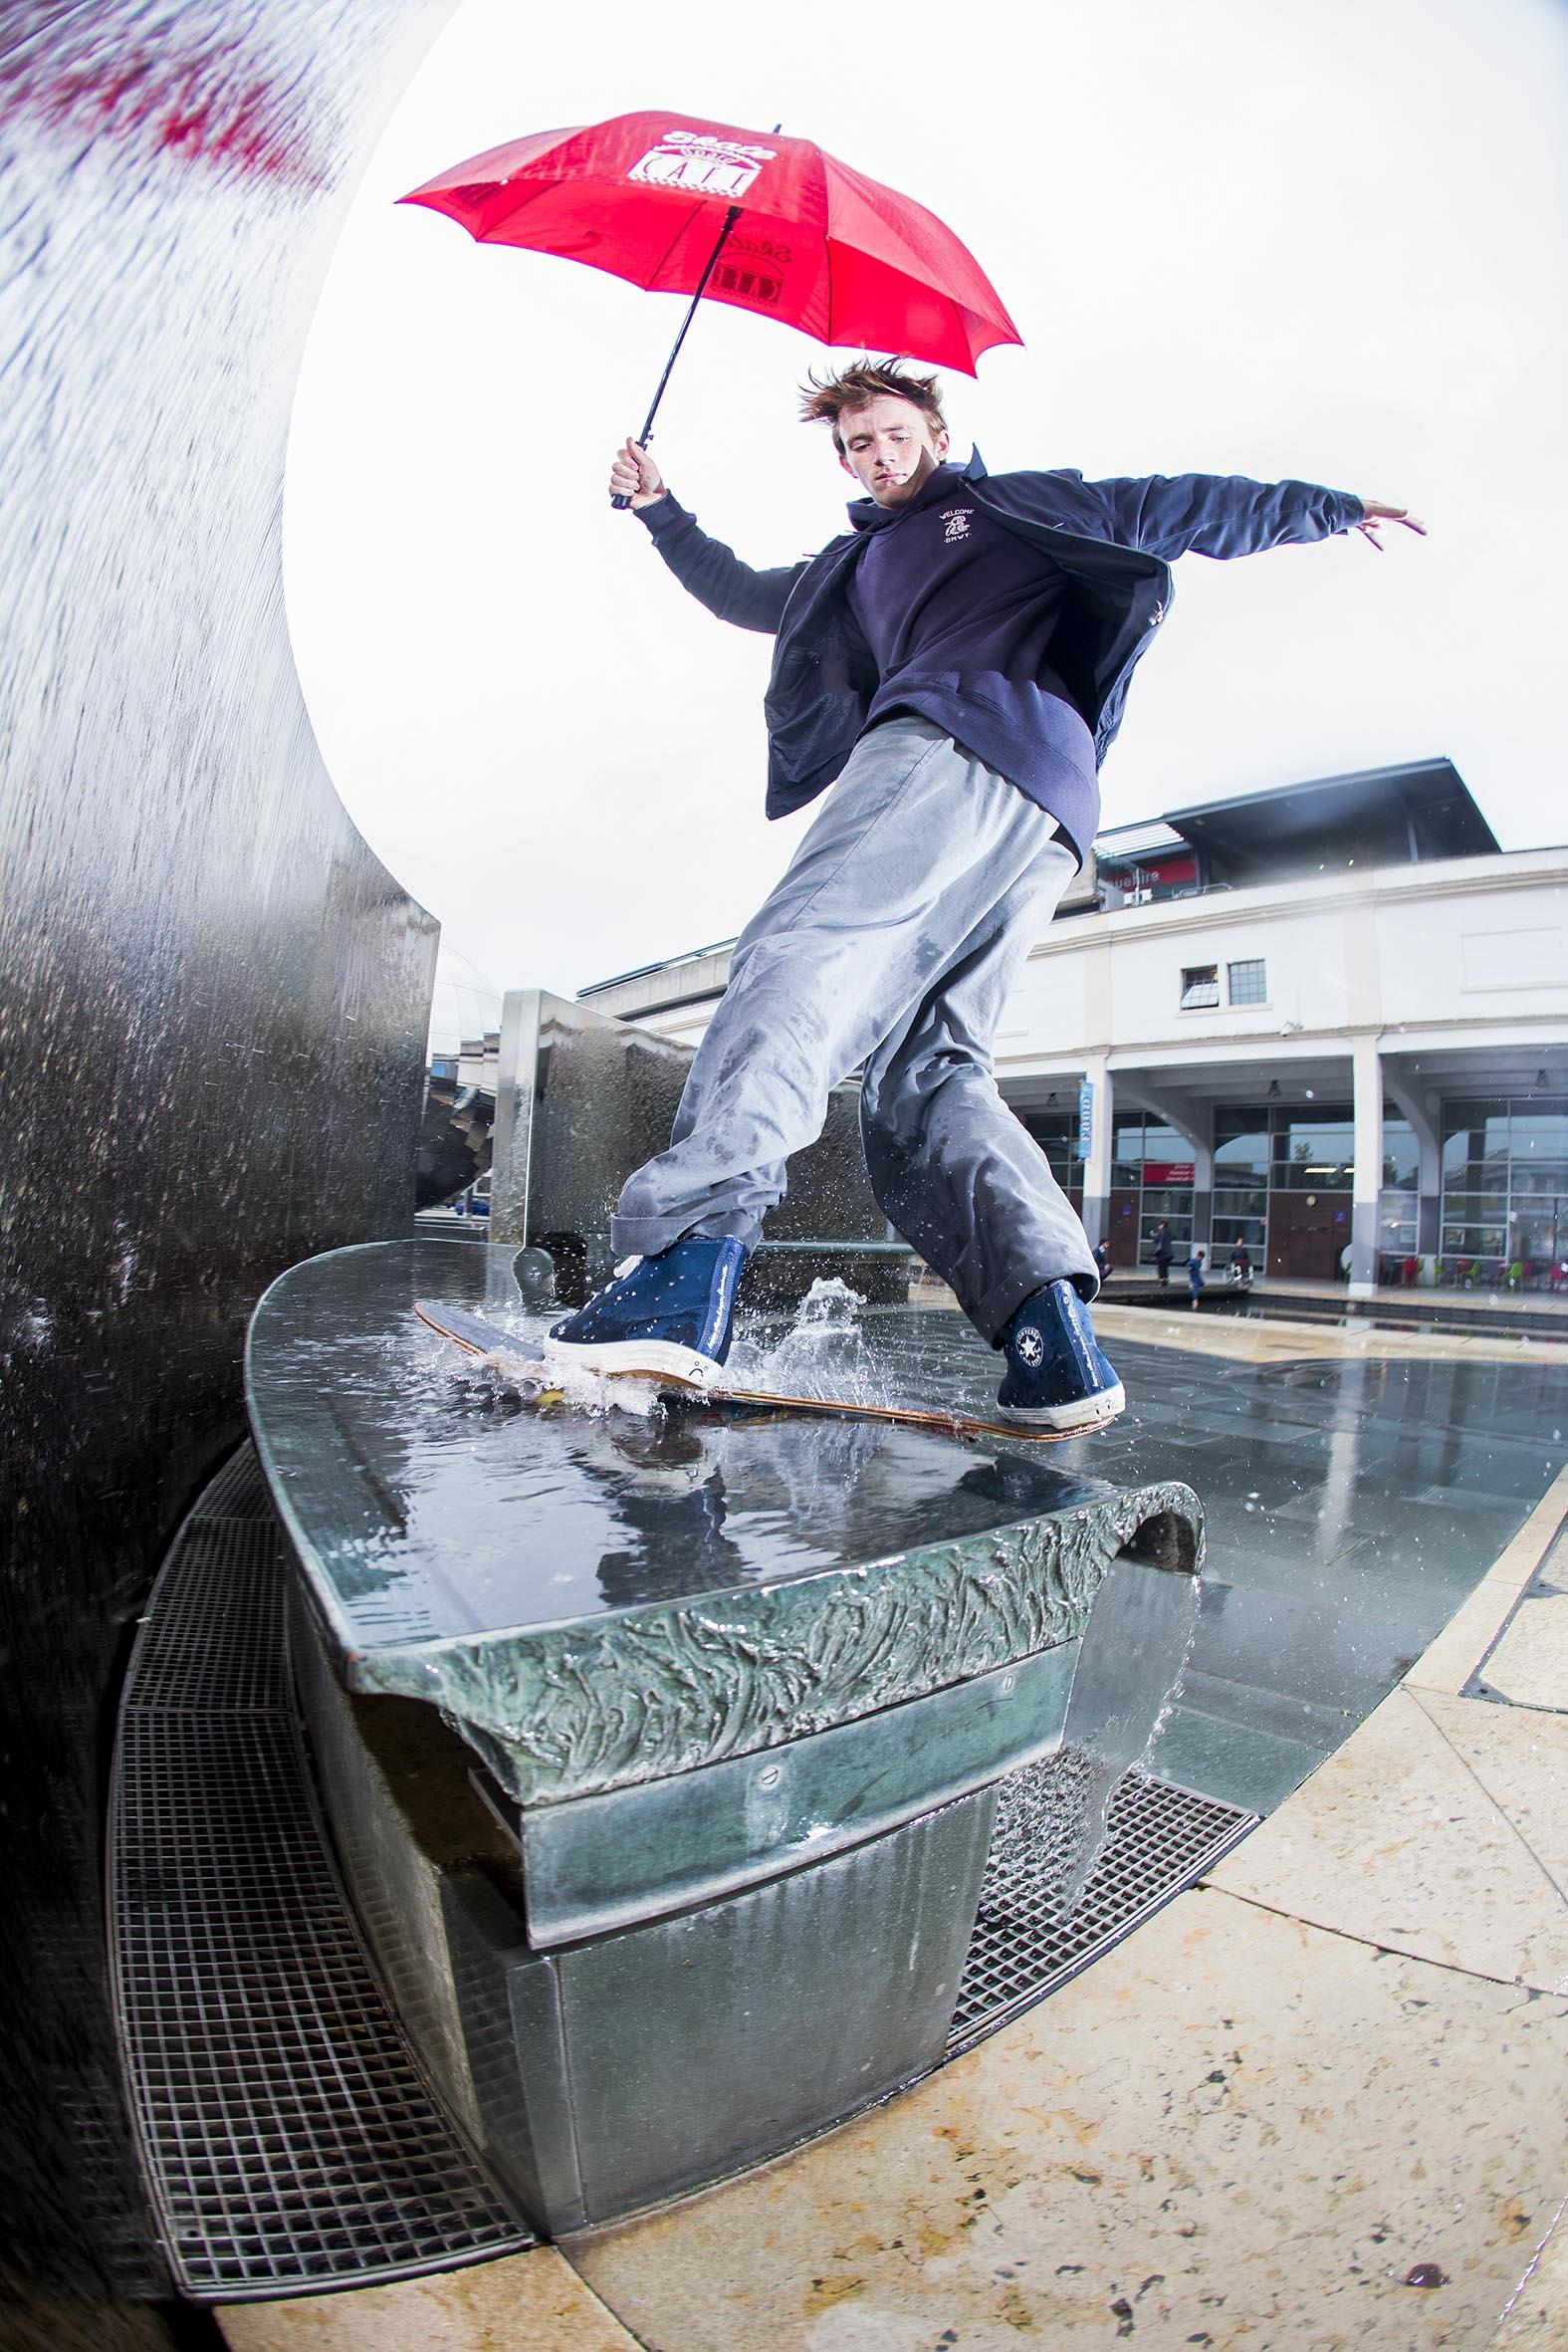 Mike Arnold - frontside boardslide